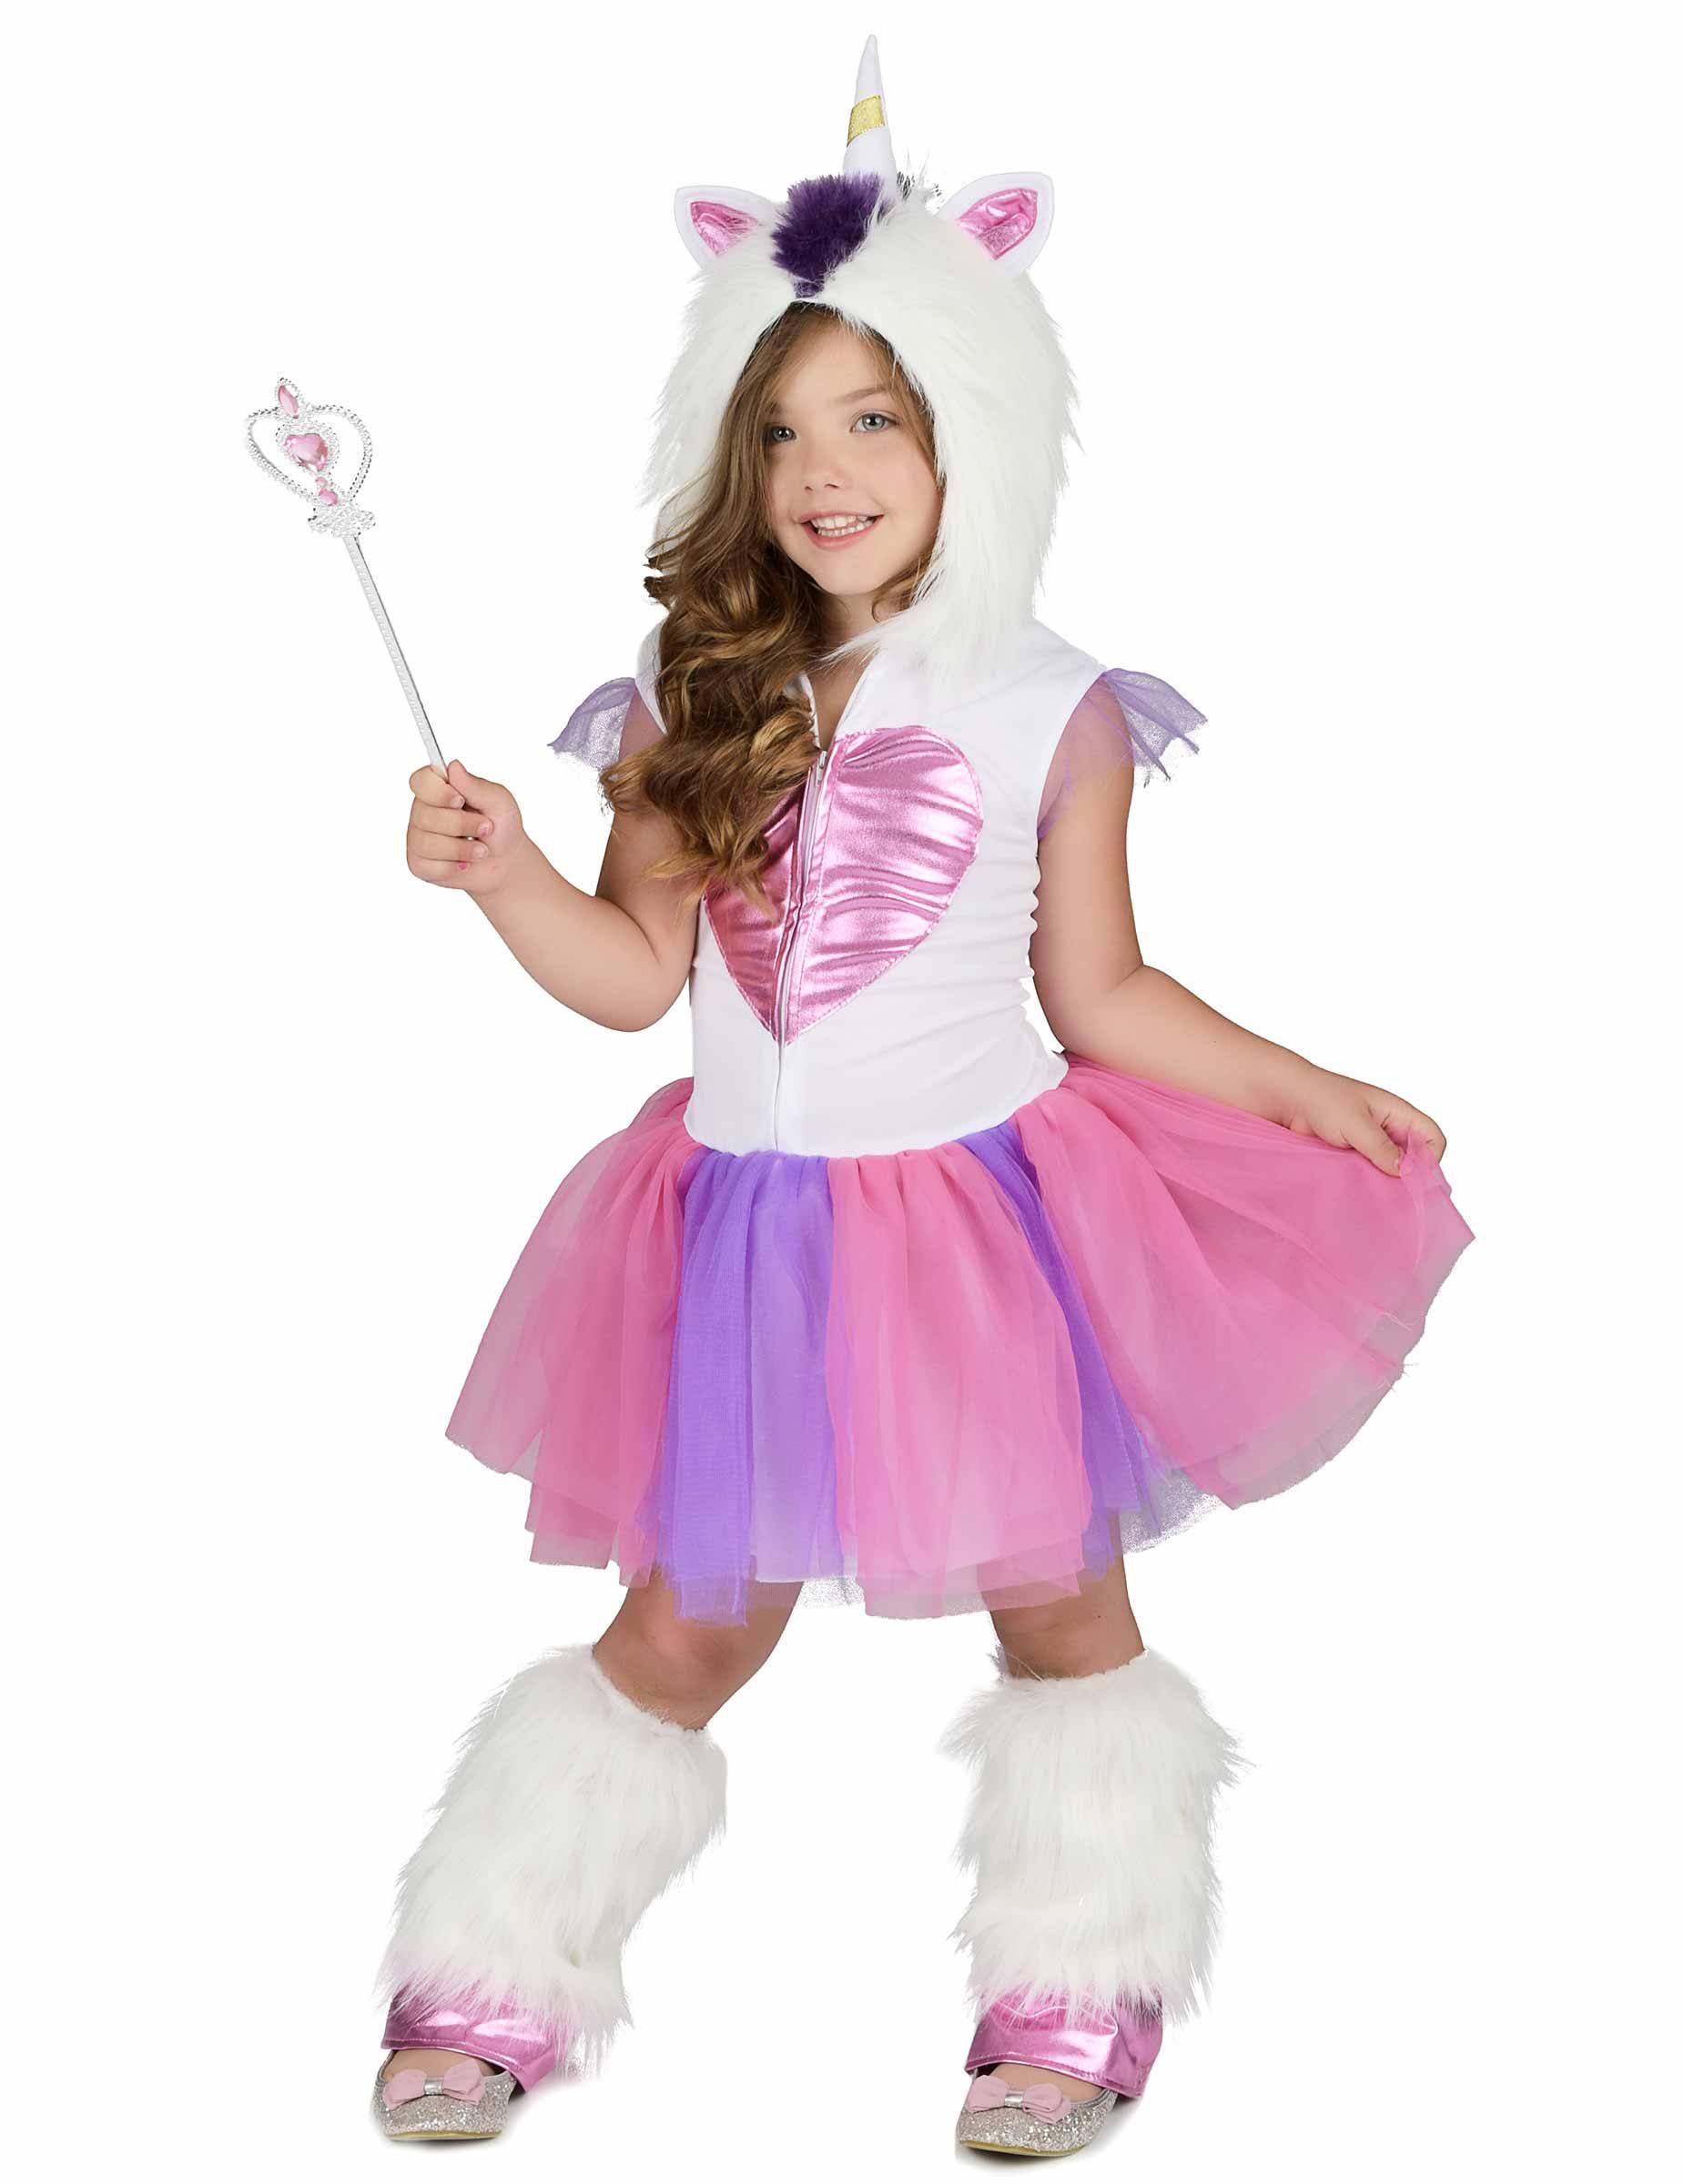 Susse Einhorn Prinzessin Kinderkostum Fur Madchen Weiss Pink Violett